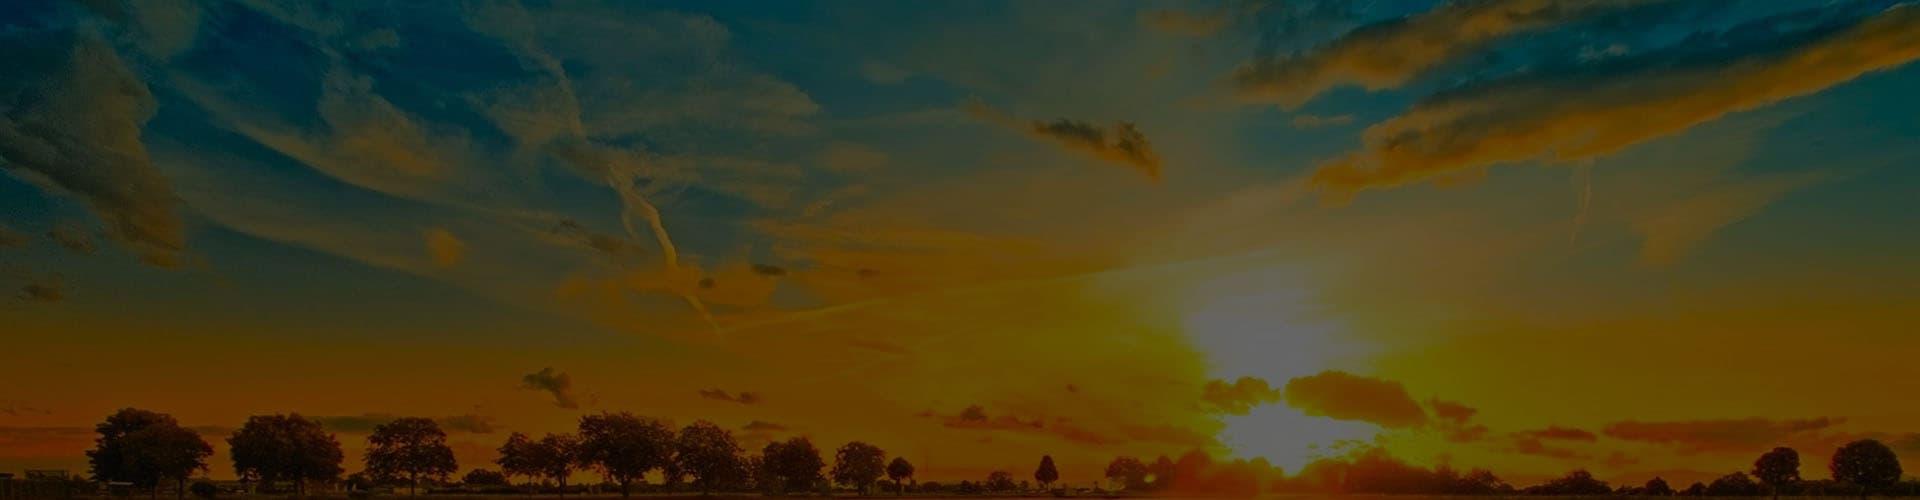 Красивый закат солнца над полем